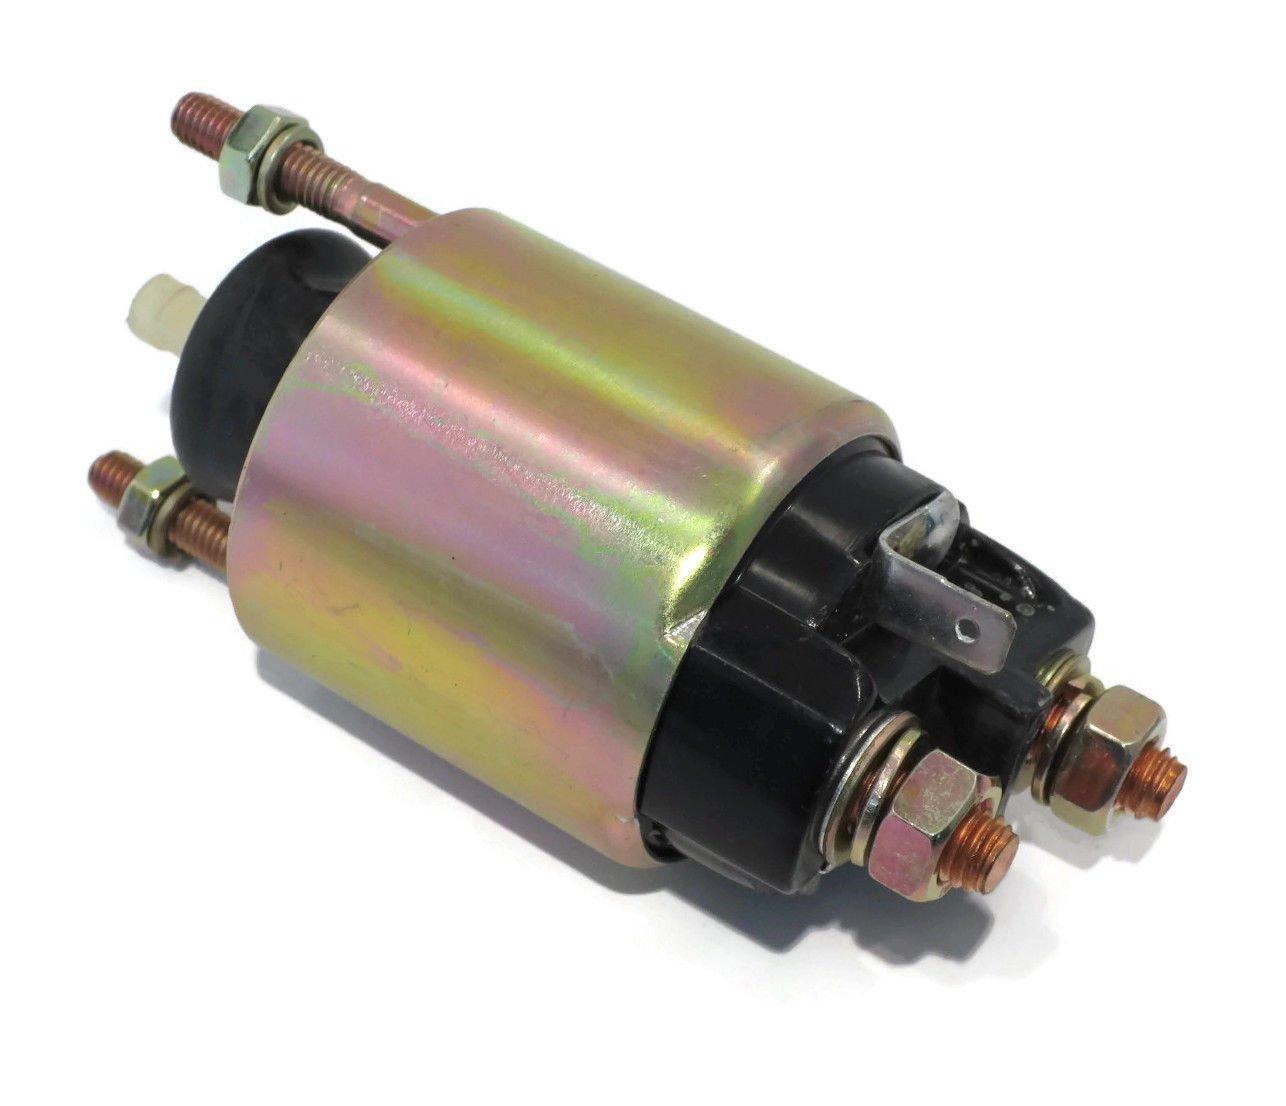 The ROP Shop New Electric Starter Solenoid fits CV680 CV724 CV725 CV730 CV740 Command Engines